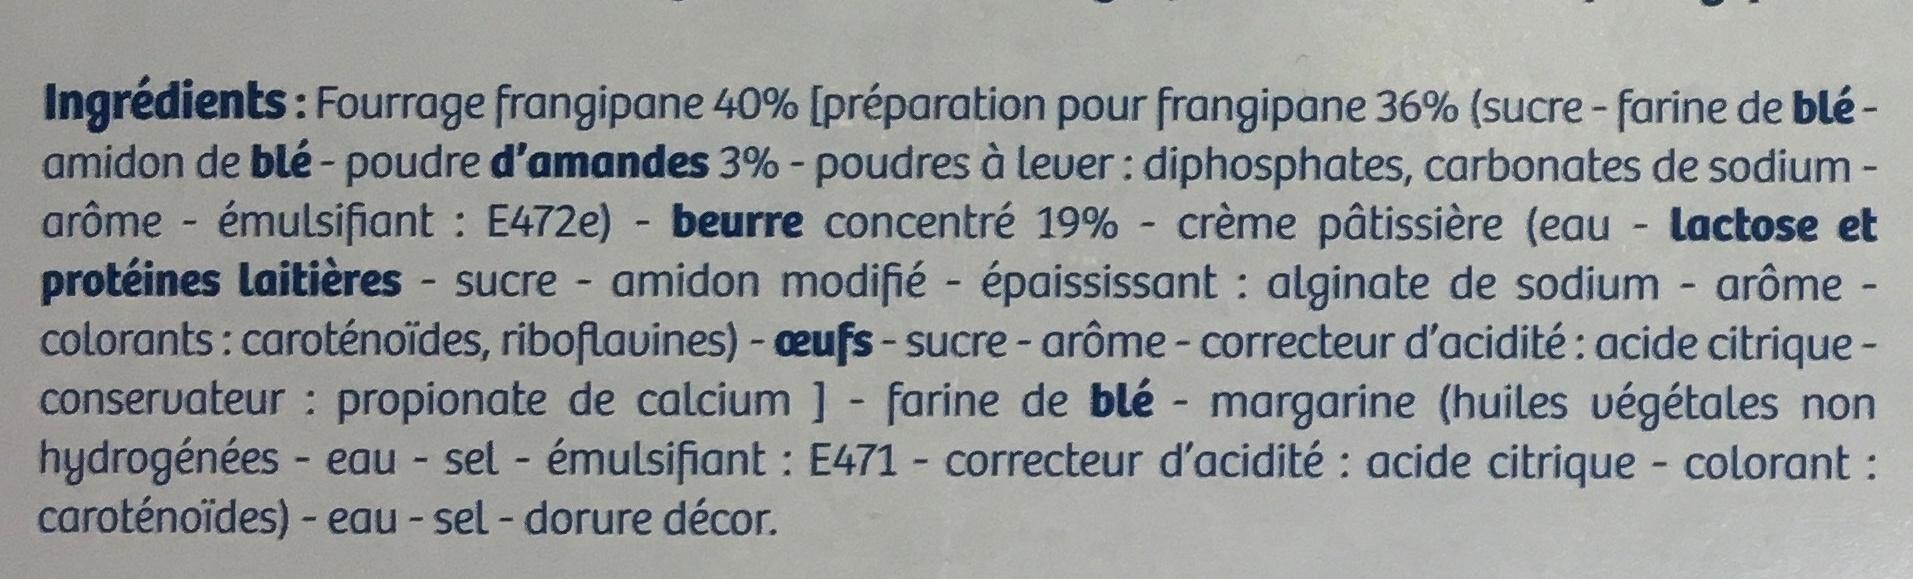 Galette des Rois 40% Frangipane - Ingredients - fr